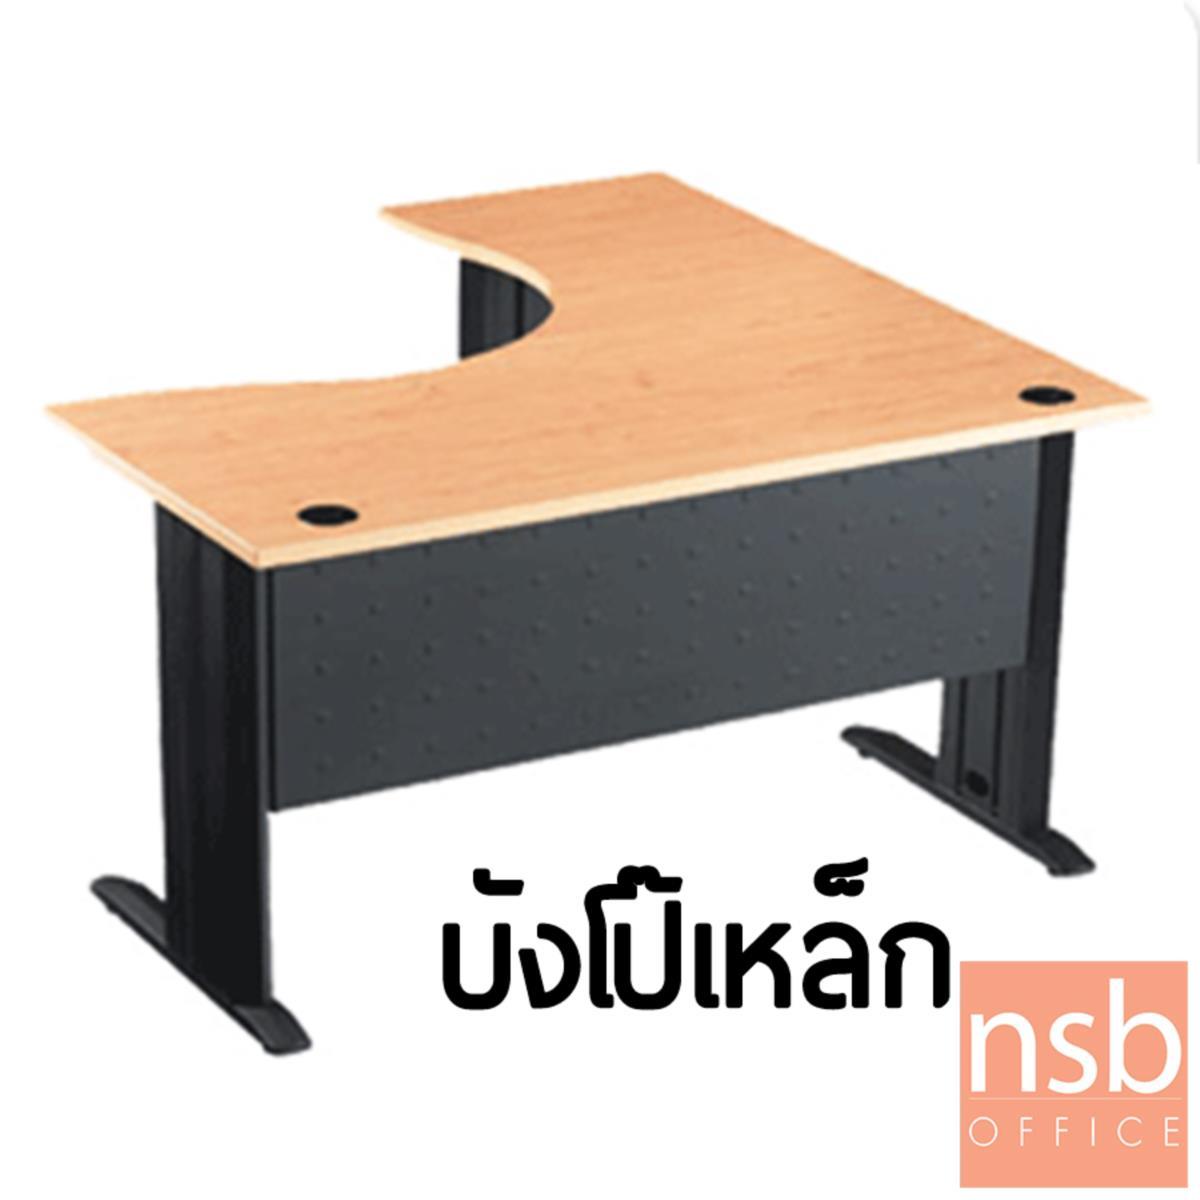 โต๊ะทำงานตัวแอลหน้าโค้งเว้า  รุ่น S-DK-62121  ขนาด 120W1*120W2 cm. ขาเหล็กตัวแอลพ่นดำ